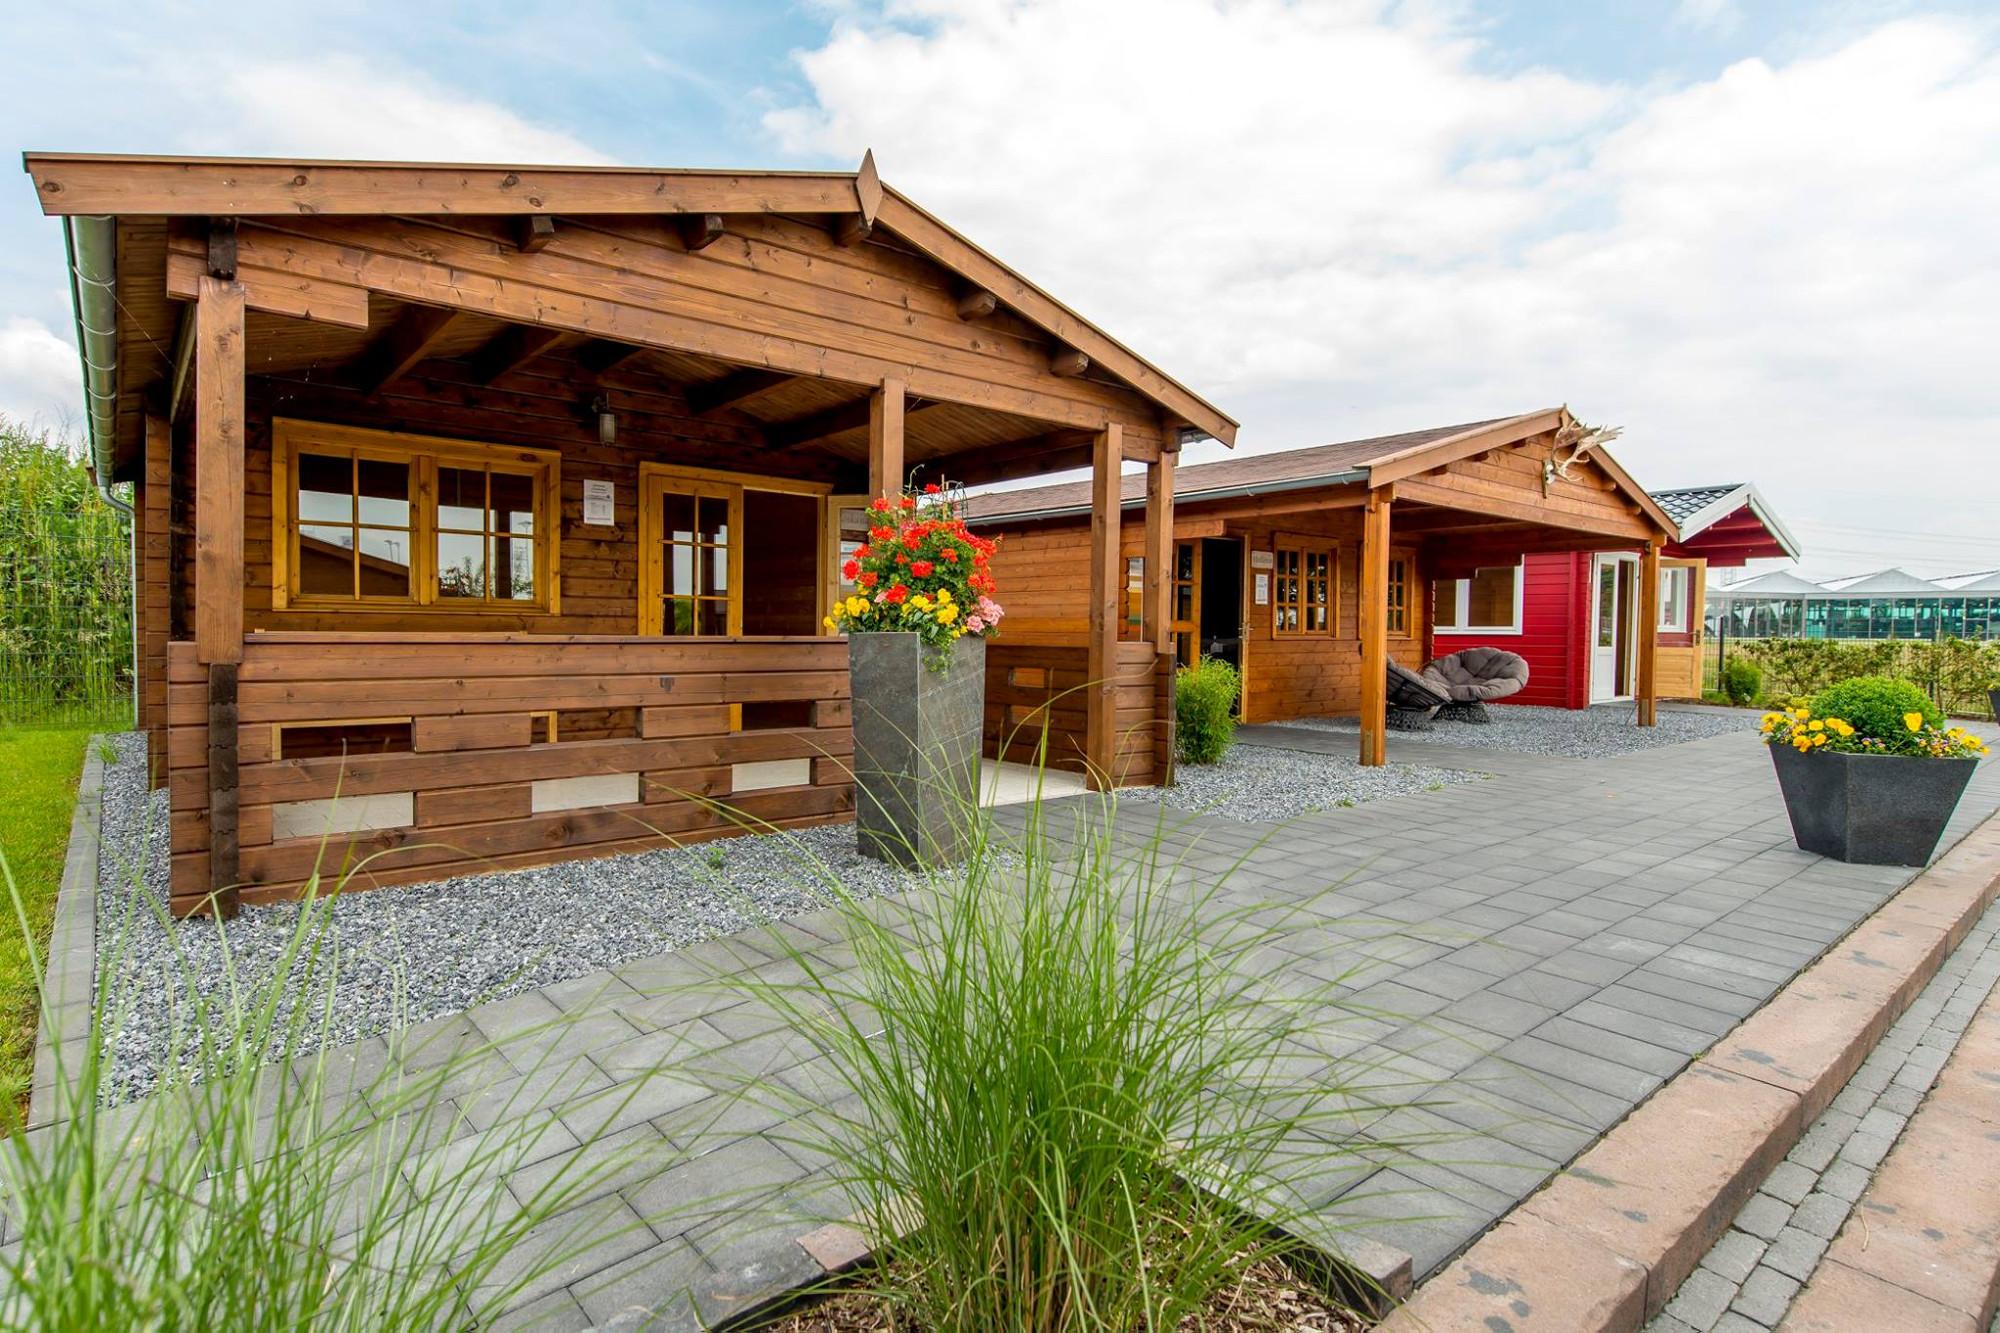 Gartenhaus Fußboden Dämmen ~ Ein gartenhaus fachgerecht isolieren lohnt sich das so muss das